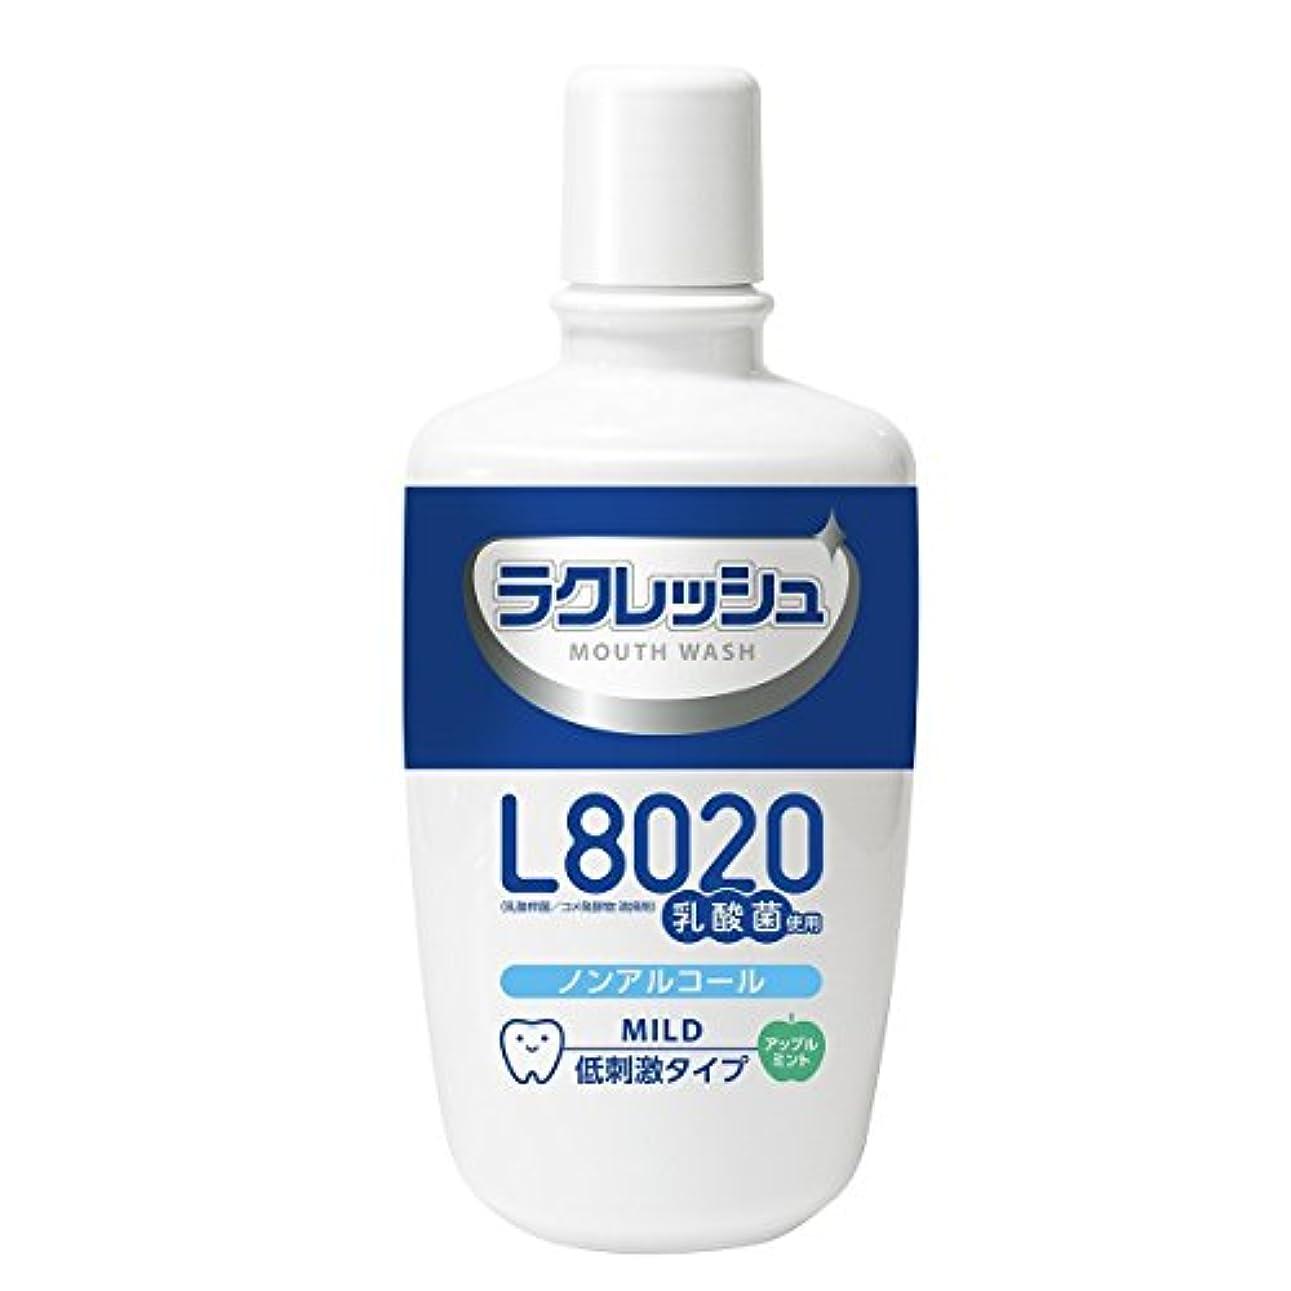 焦げスティーブンソン実際ラクレッシュ L8020菌 マウスウォッシュ 3本セット (マイルド)